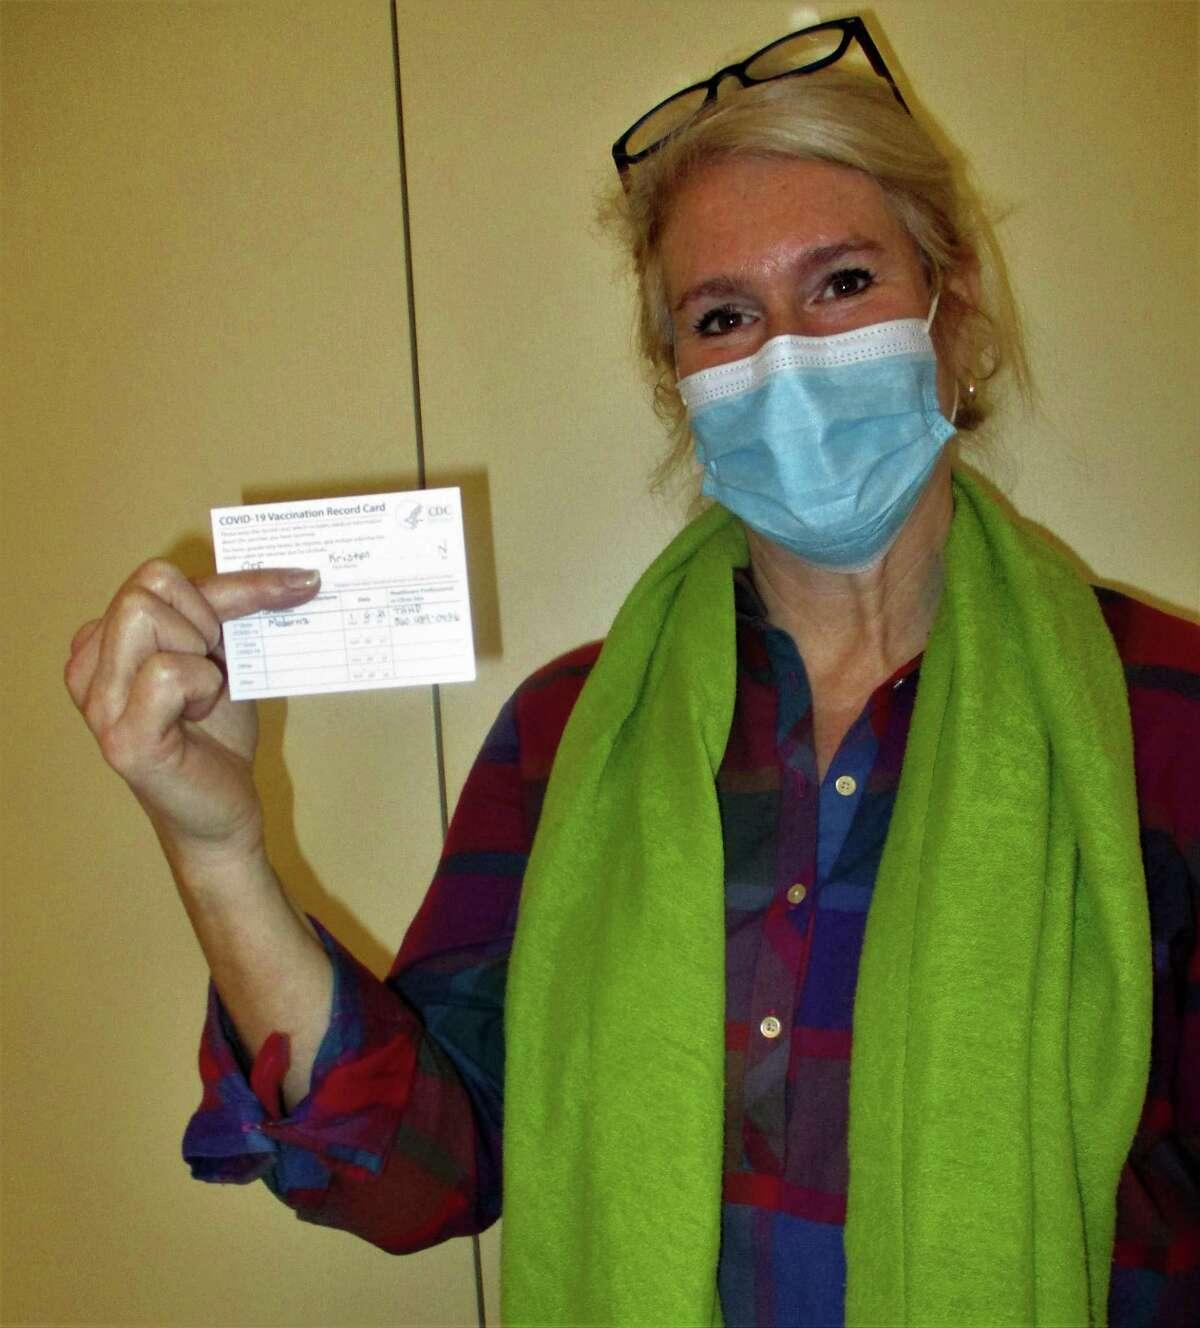 Kristen Orr holding her vaccine card.